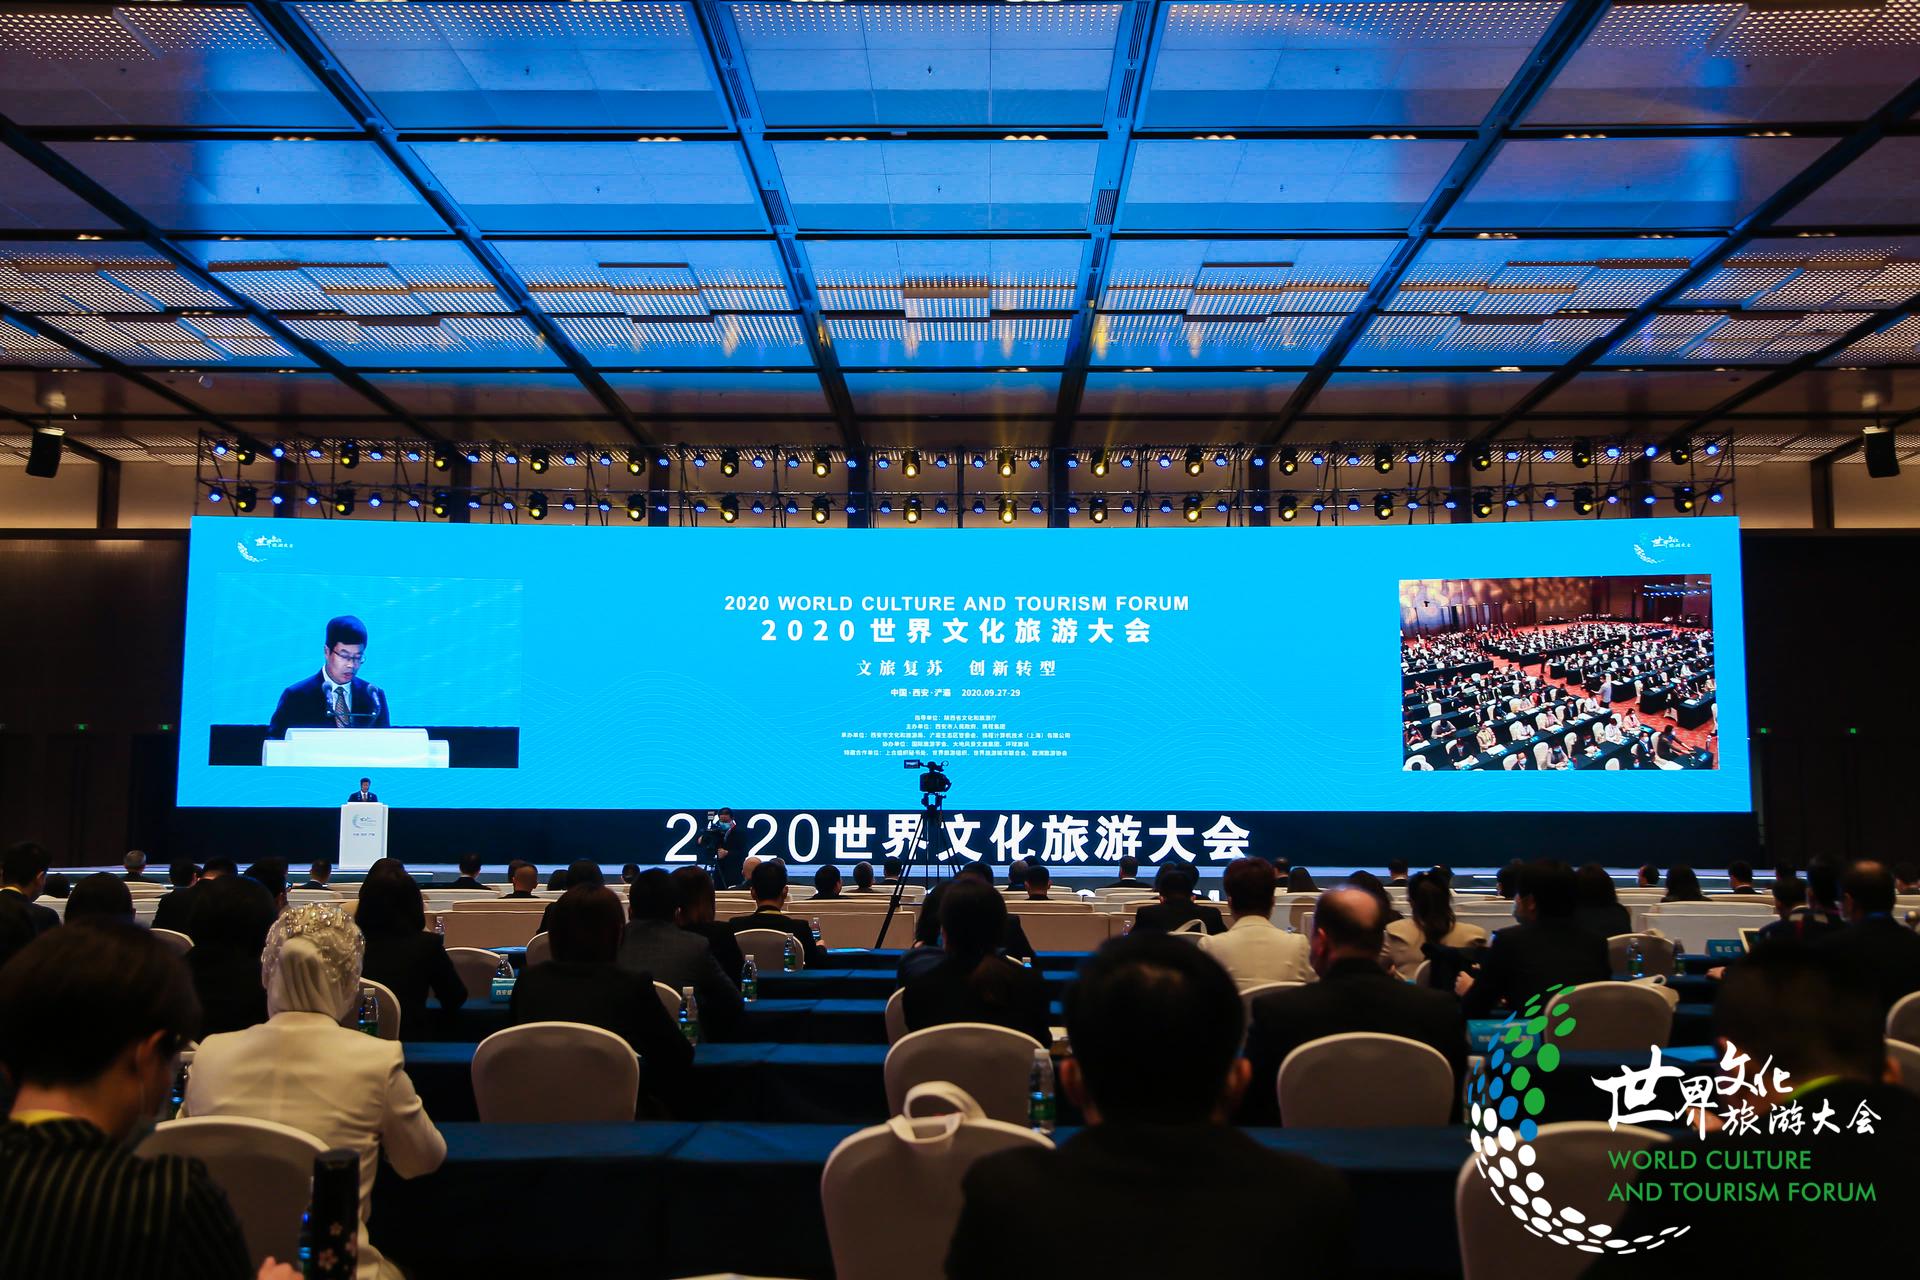 聚焦文旅产业转型   2020世界文化旅游大会西安开幕